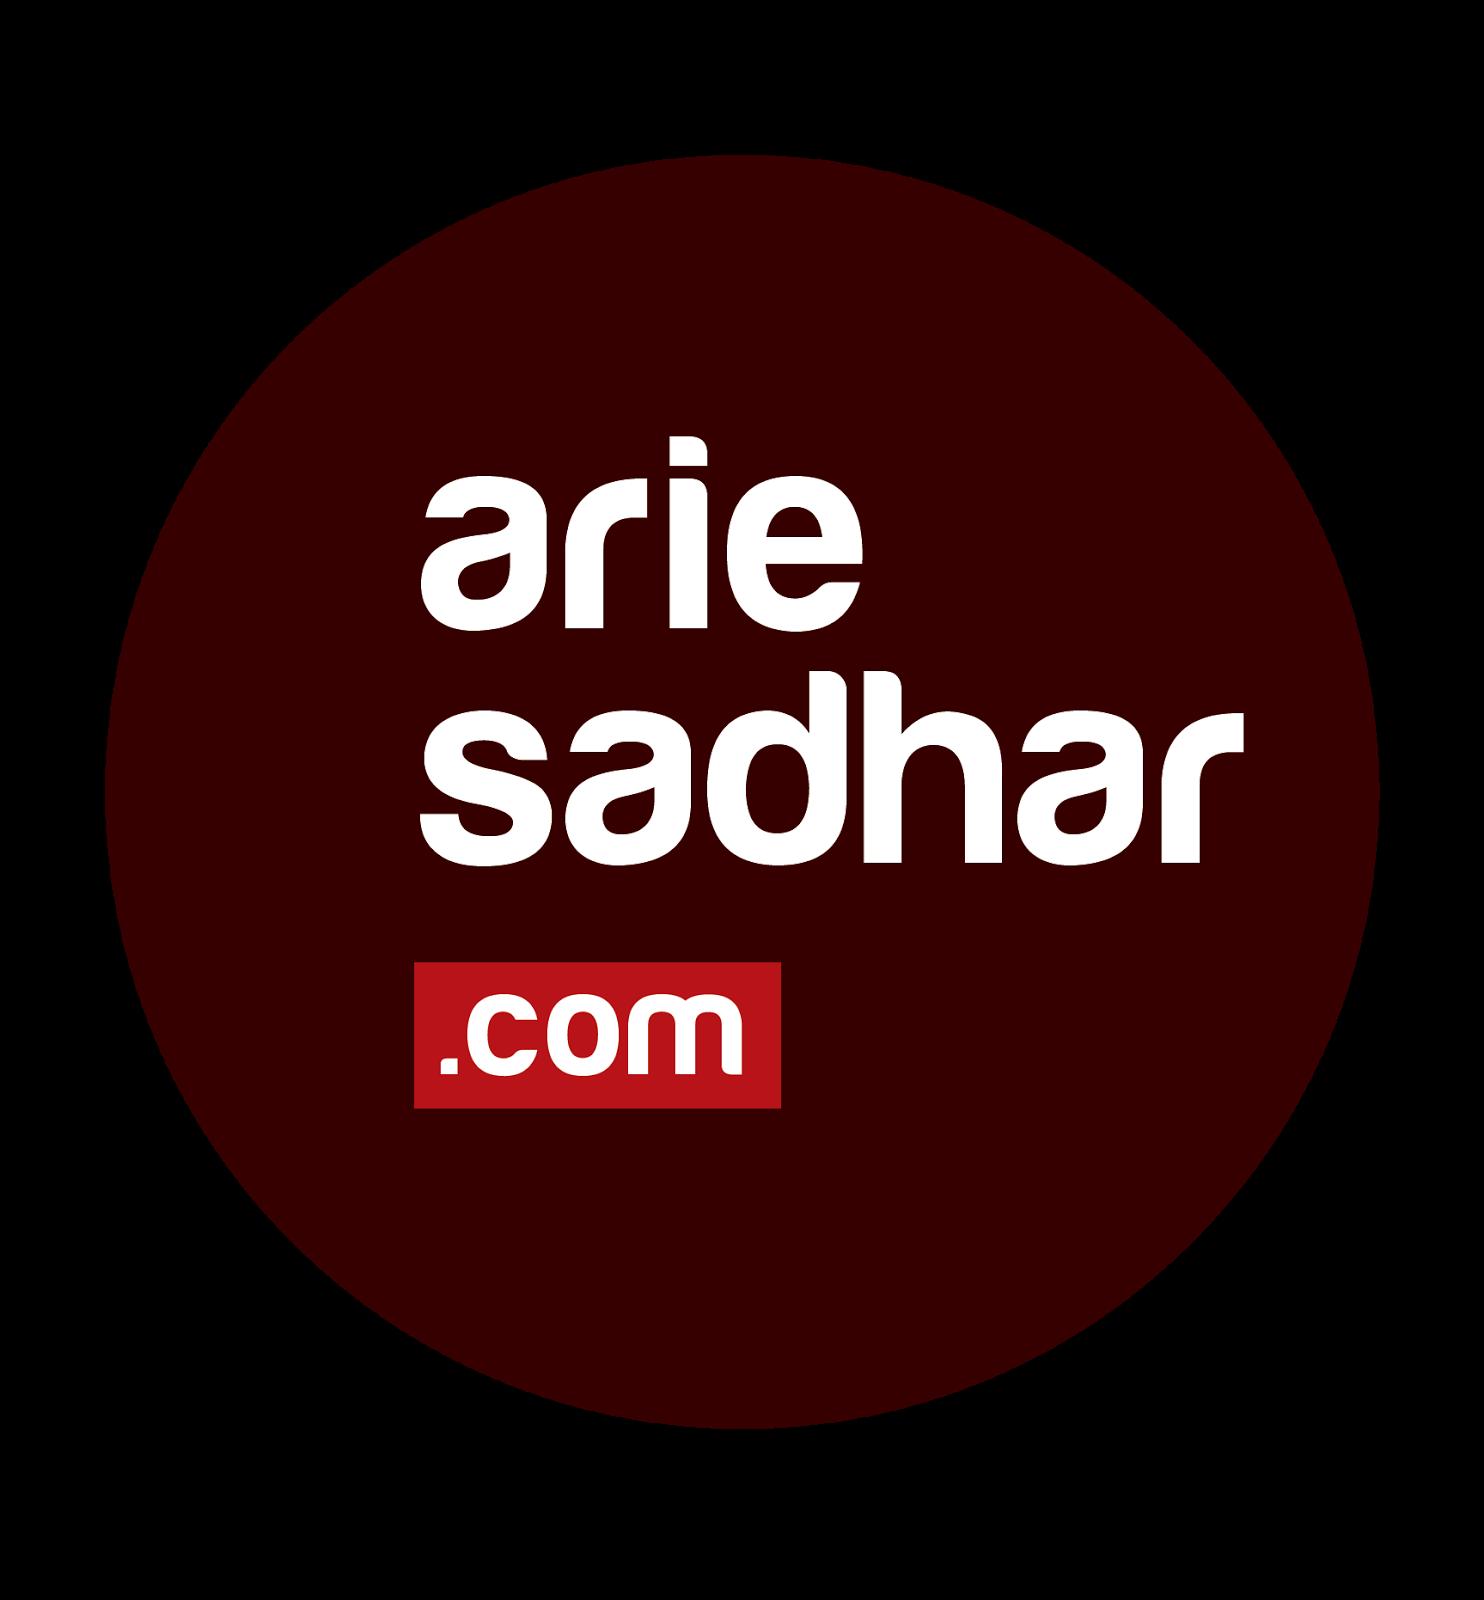 ariesadhar.com